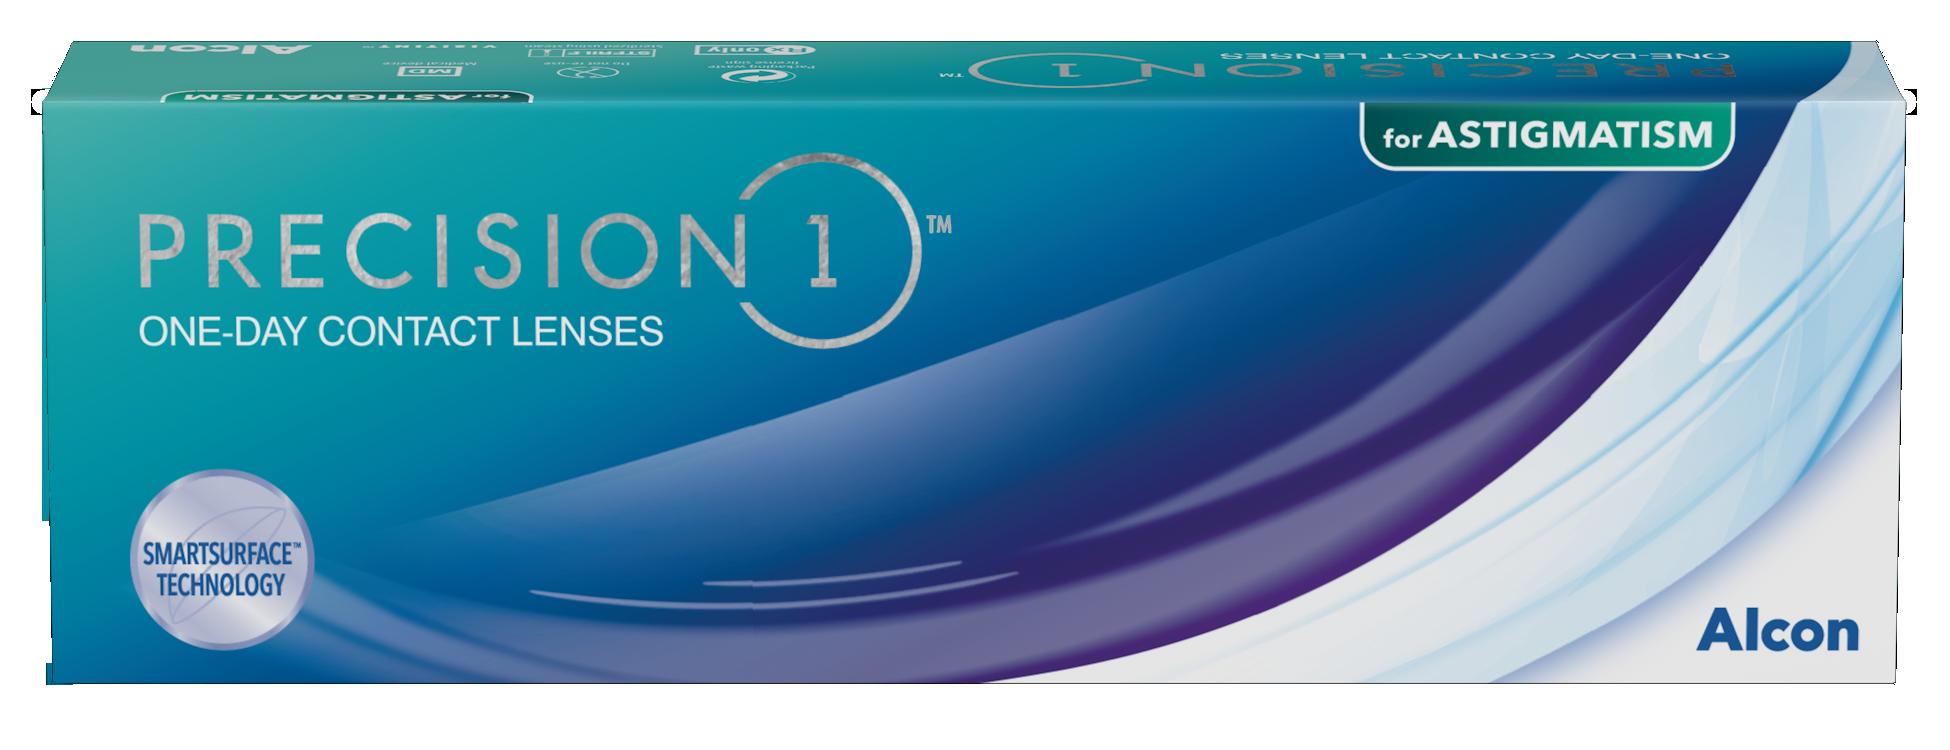 Precision1 for Astigmatism, Alcon (30Stk.)